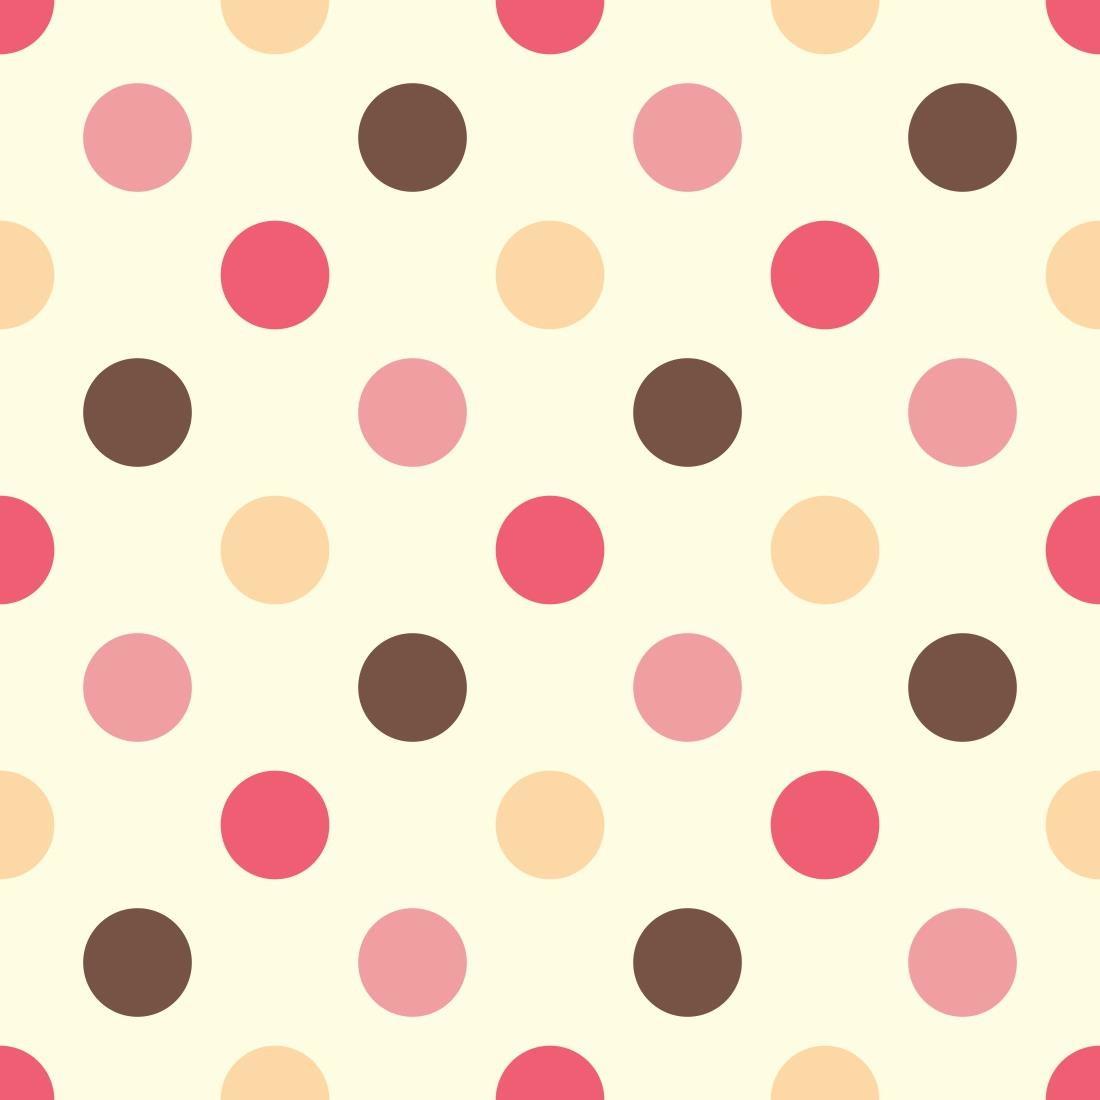 Papel de parede bolas coloridas decor 18 no elo7 crie for Papel de pared paisajes